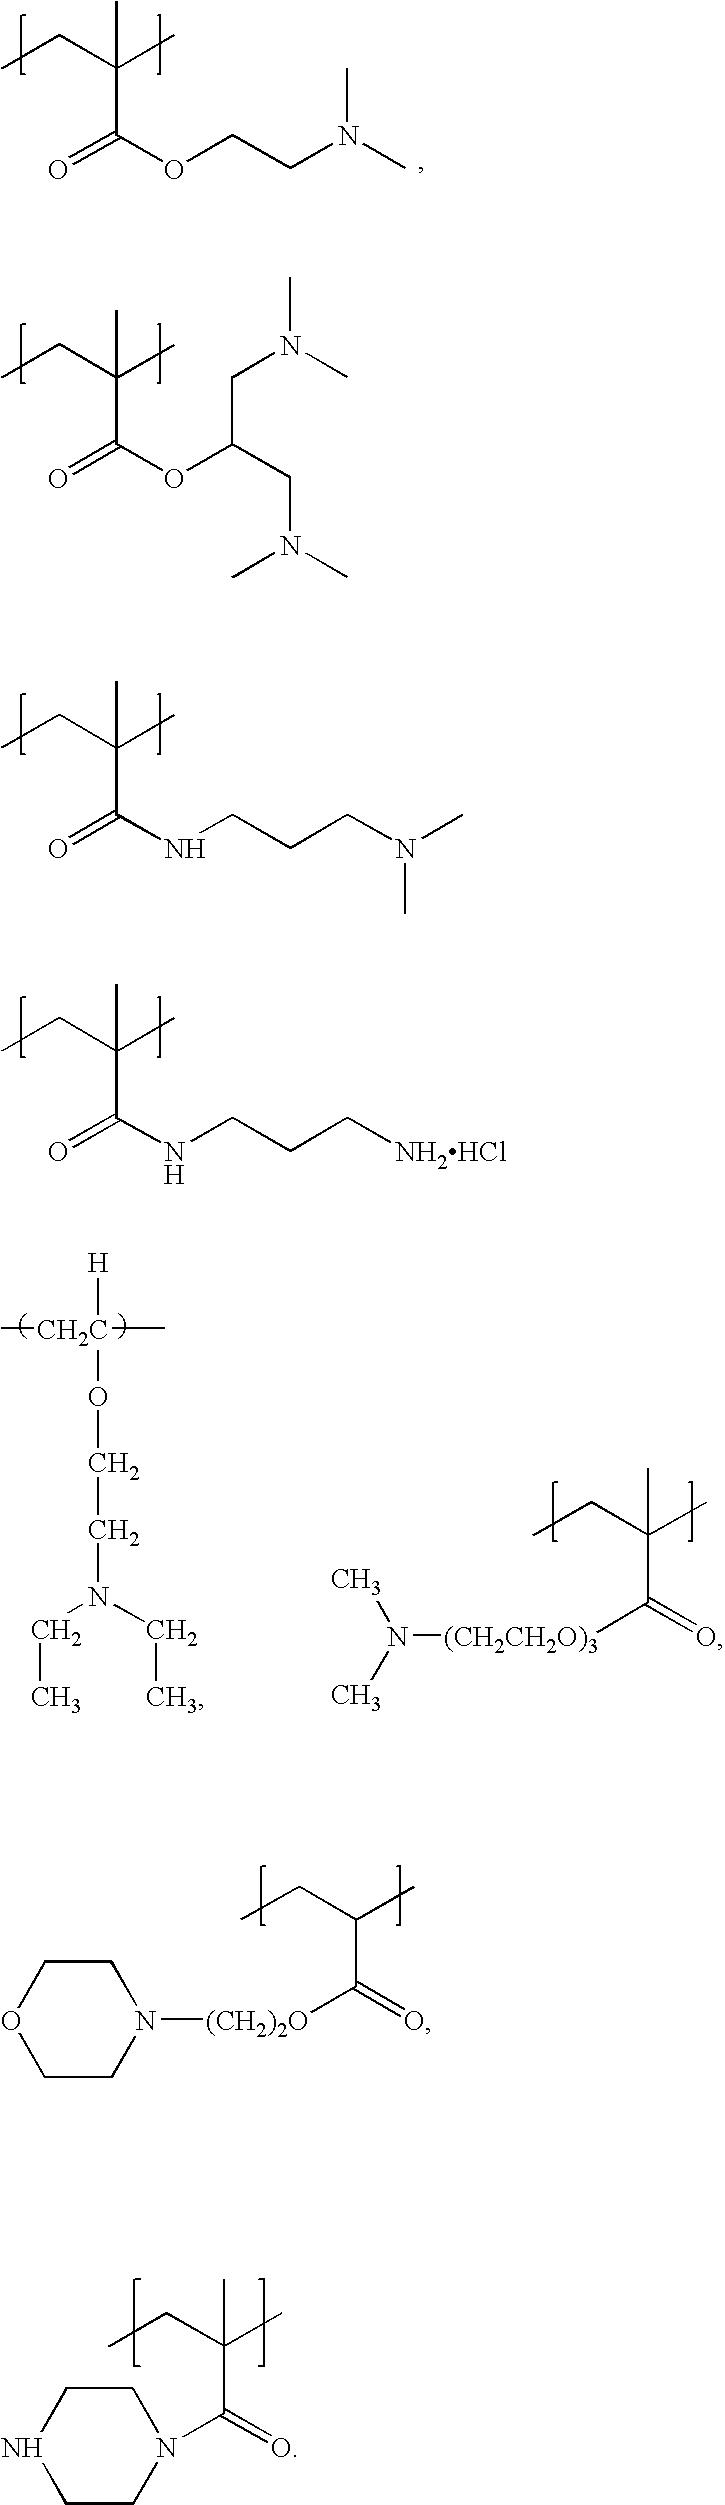 Figure US07335700-20080226-C00097